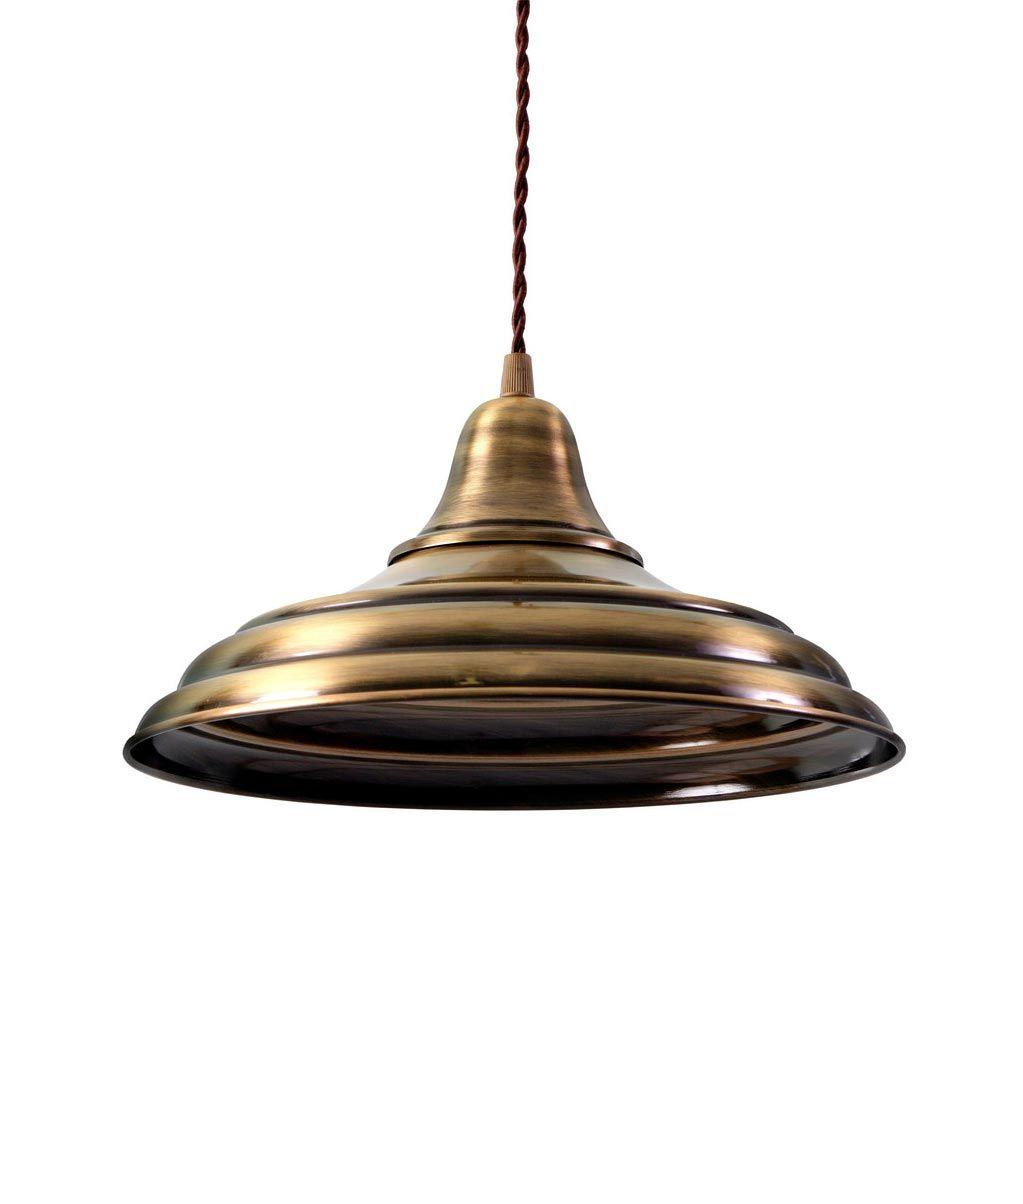 L mpara industrial oro envejecido hannover la casa de la - Casa de las lamparas ...